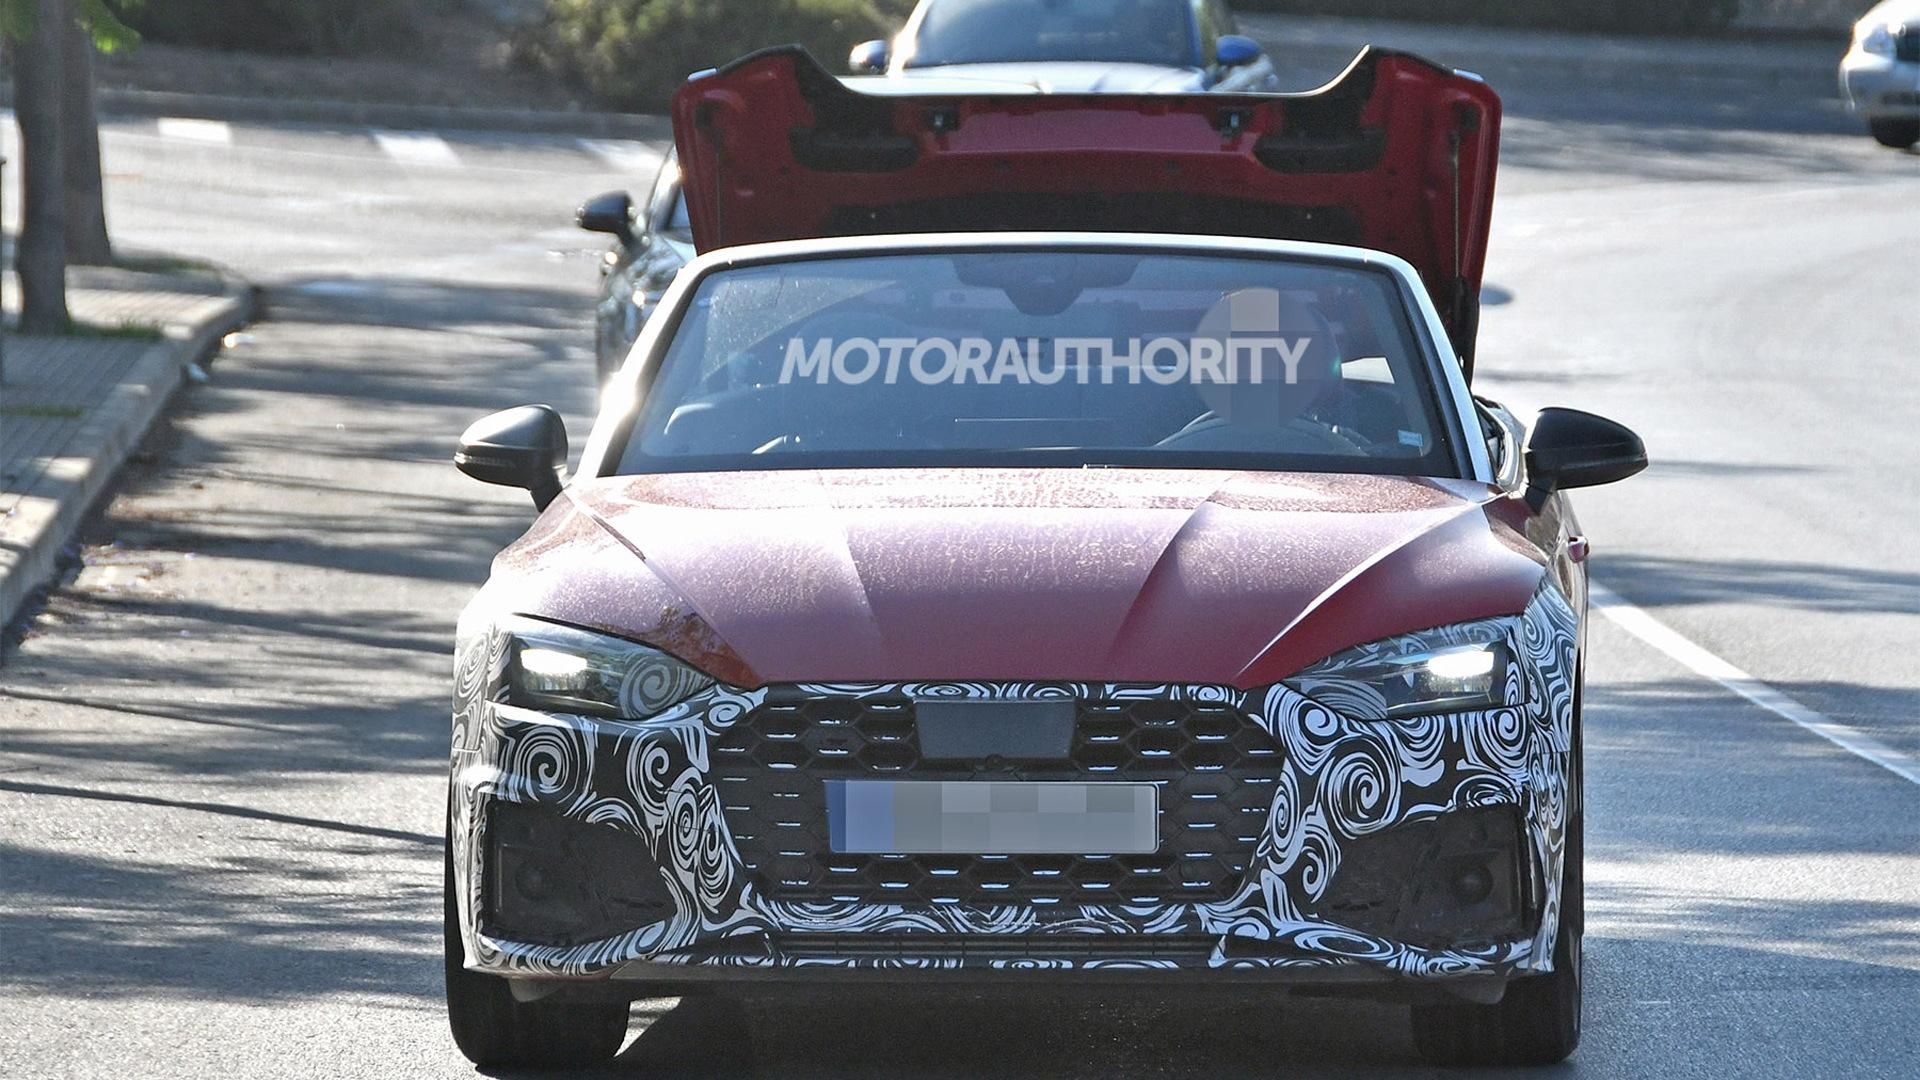 2021 Audi S5 Cabriolet facelift spy shots - Image via S. Baldauf/SB-Medien